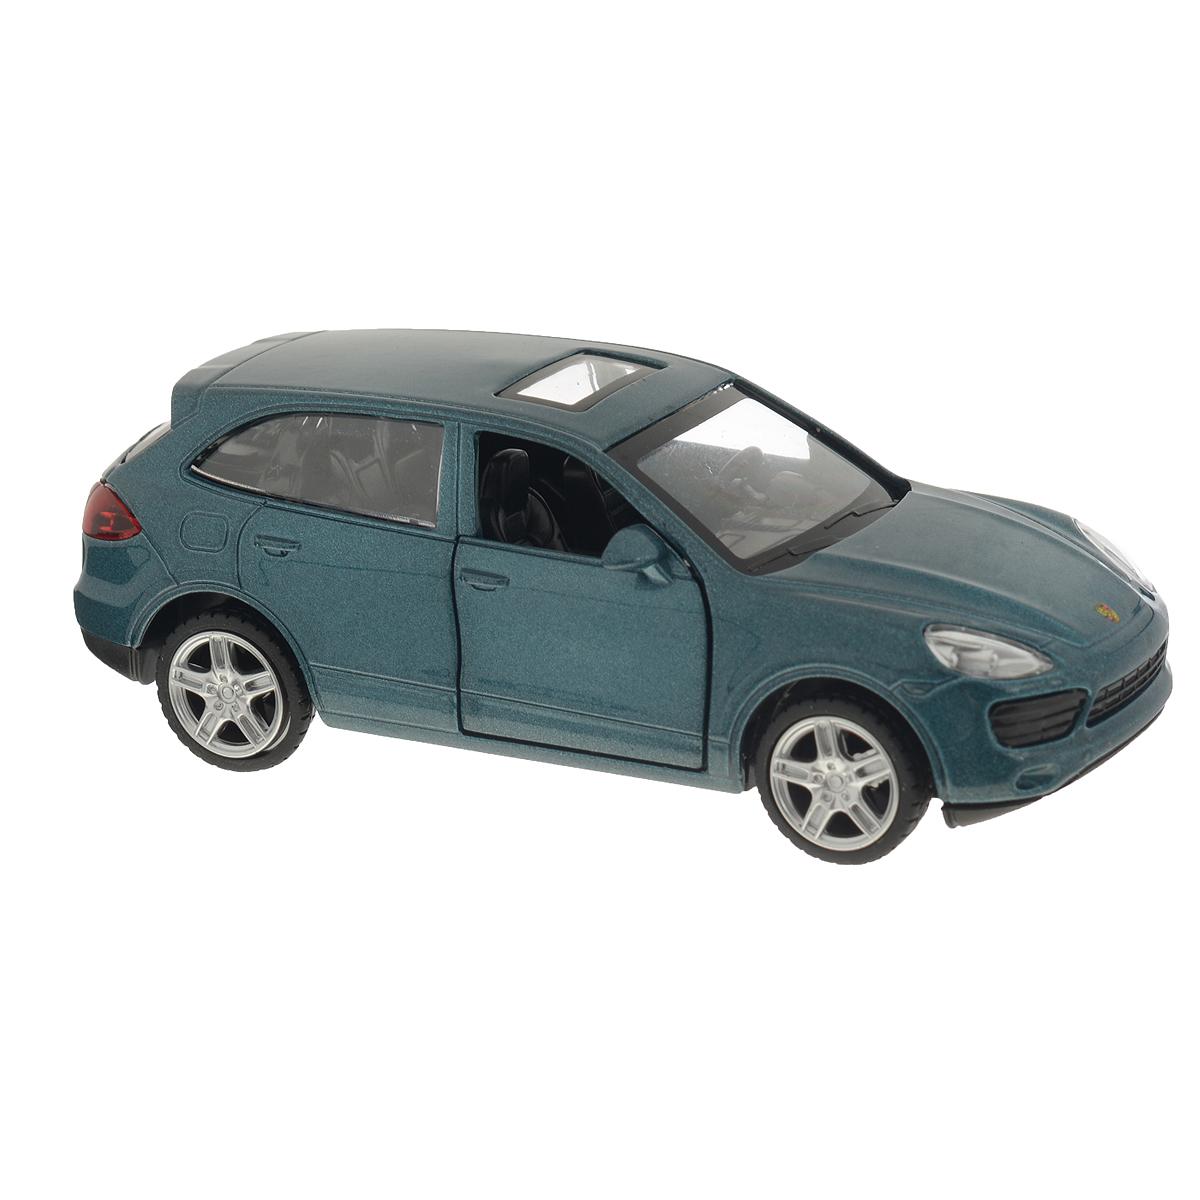 MSZ Модель автомобиля Porsche Cayenne S цвет серебристый синий67302AСтильная инерционная модель автомобиля MSZ Porsche Cayenne S, изготовленная из высококачественного металла и пластика, привлечет к себе внимание не только детей, но и взрослых. Модель является точной уменьшенной копией известного автомобиля Porsche Cayenne S. Игрушечная модель оснащена литым металлическим корпусом, лобовым, задним и боковыми стеклами. Колеса выполнены из резины и вращаются. Открываются передние двери, руль не вращается, салон детализирован. Игрушка оснащена инерционным ходом. Машинку необходимо отвести назад, затем отпустить - и она быстро поедет вперед. Прорезиненные колеса обеспечивают надежное сцепление с любой поверхностью пола. Ваш ребенок будет часами играть с этой машинкой, придумывая различные истории. Порадуйте его таким замечательным подарком!